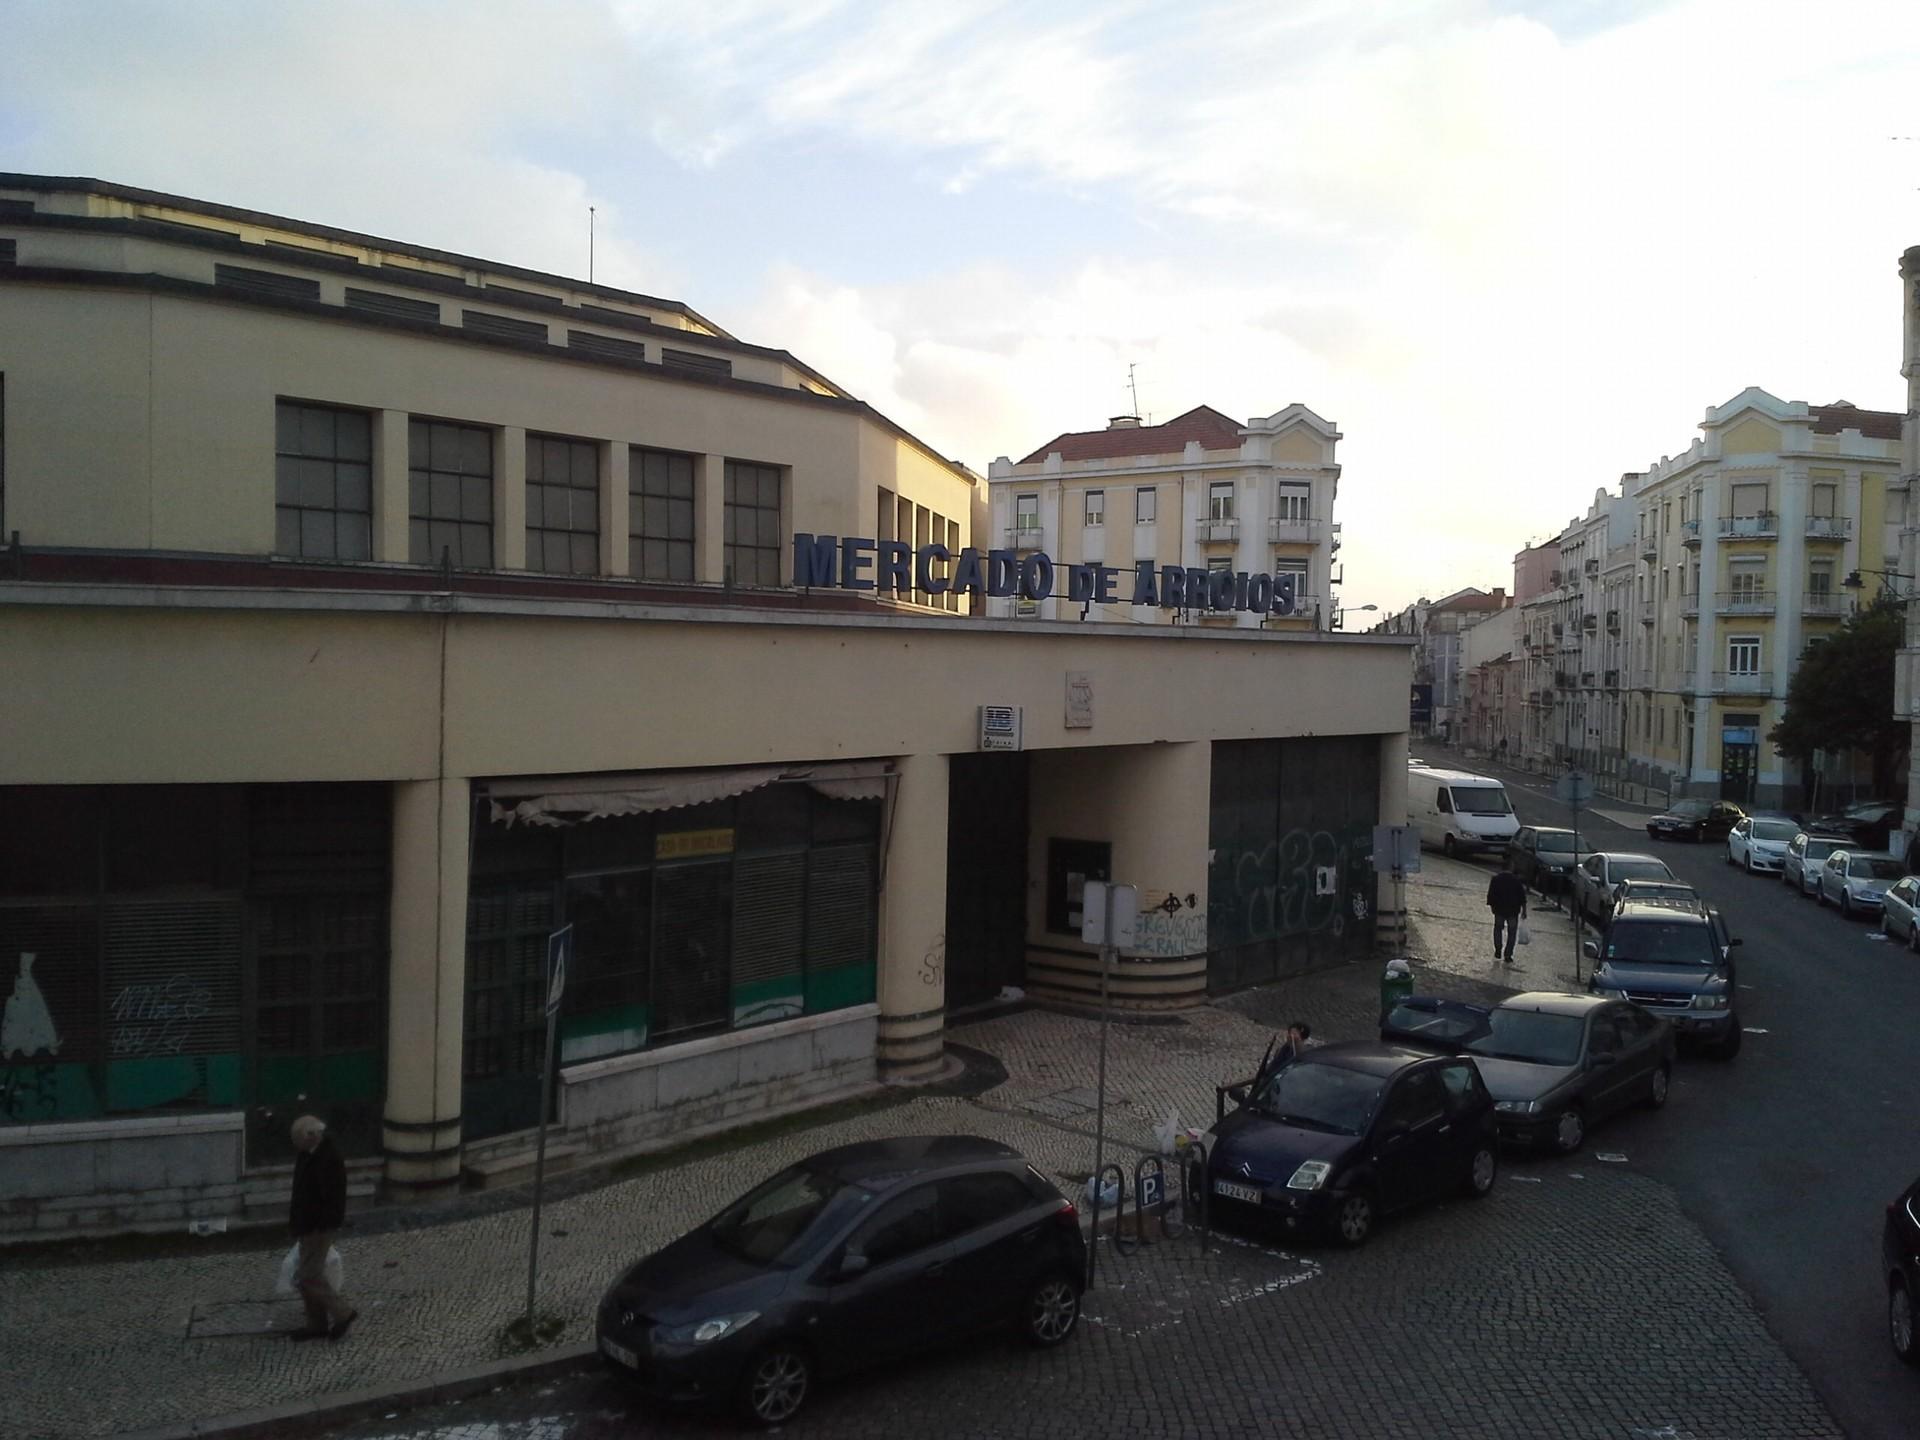 Quarto Mercado de Arroios, Lisboa